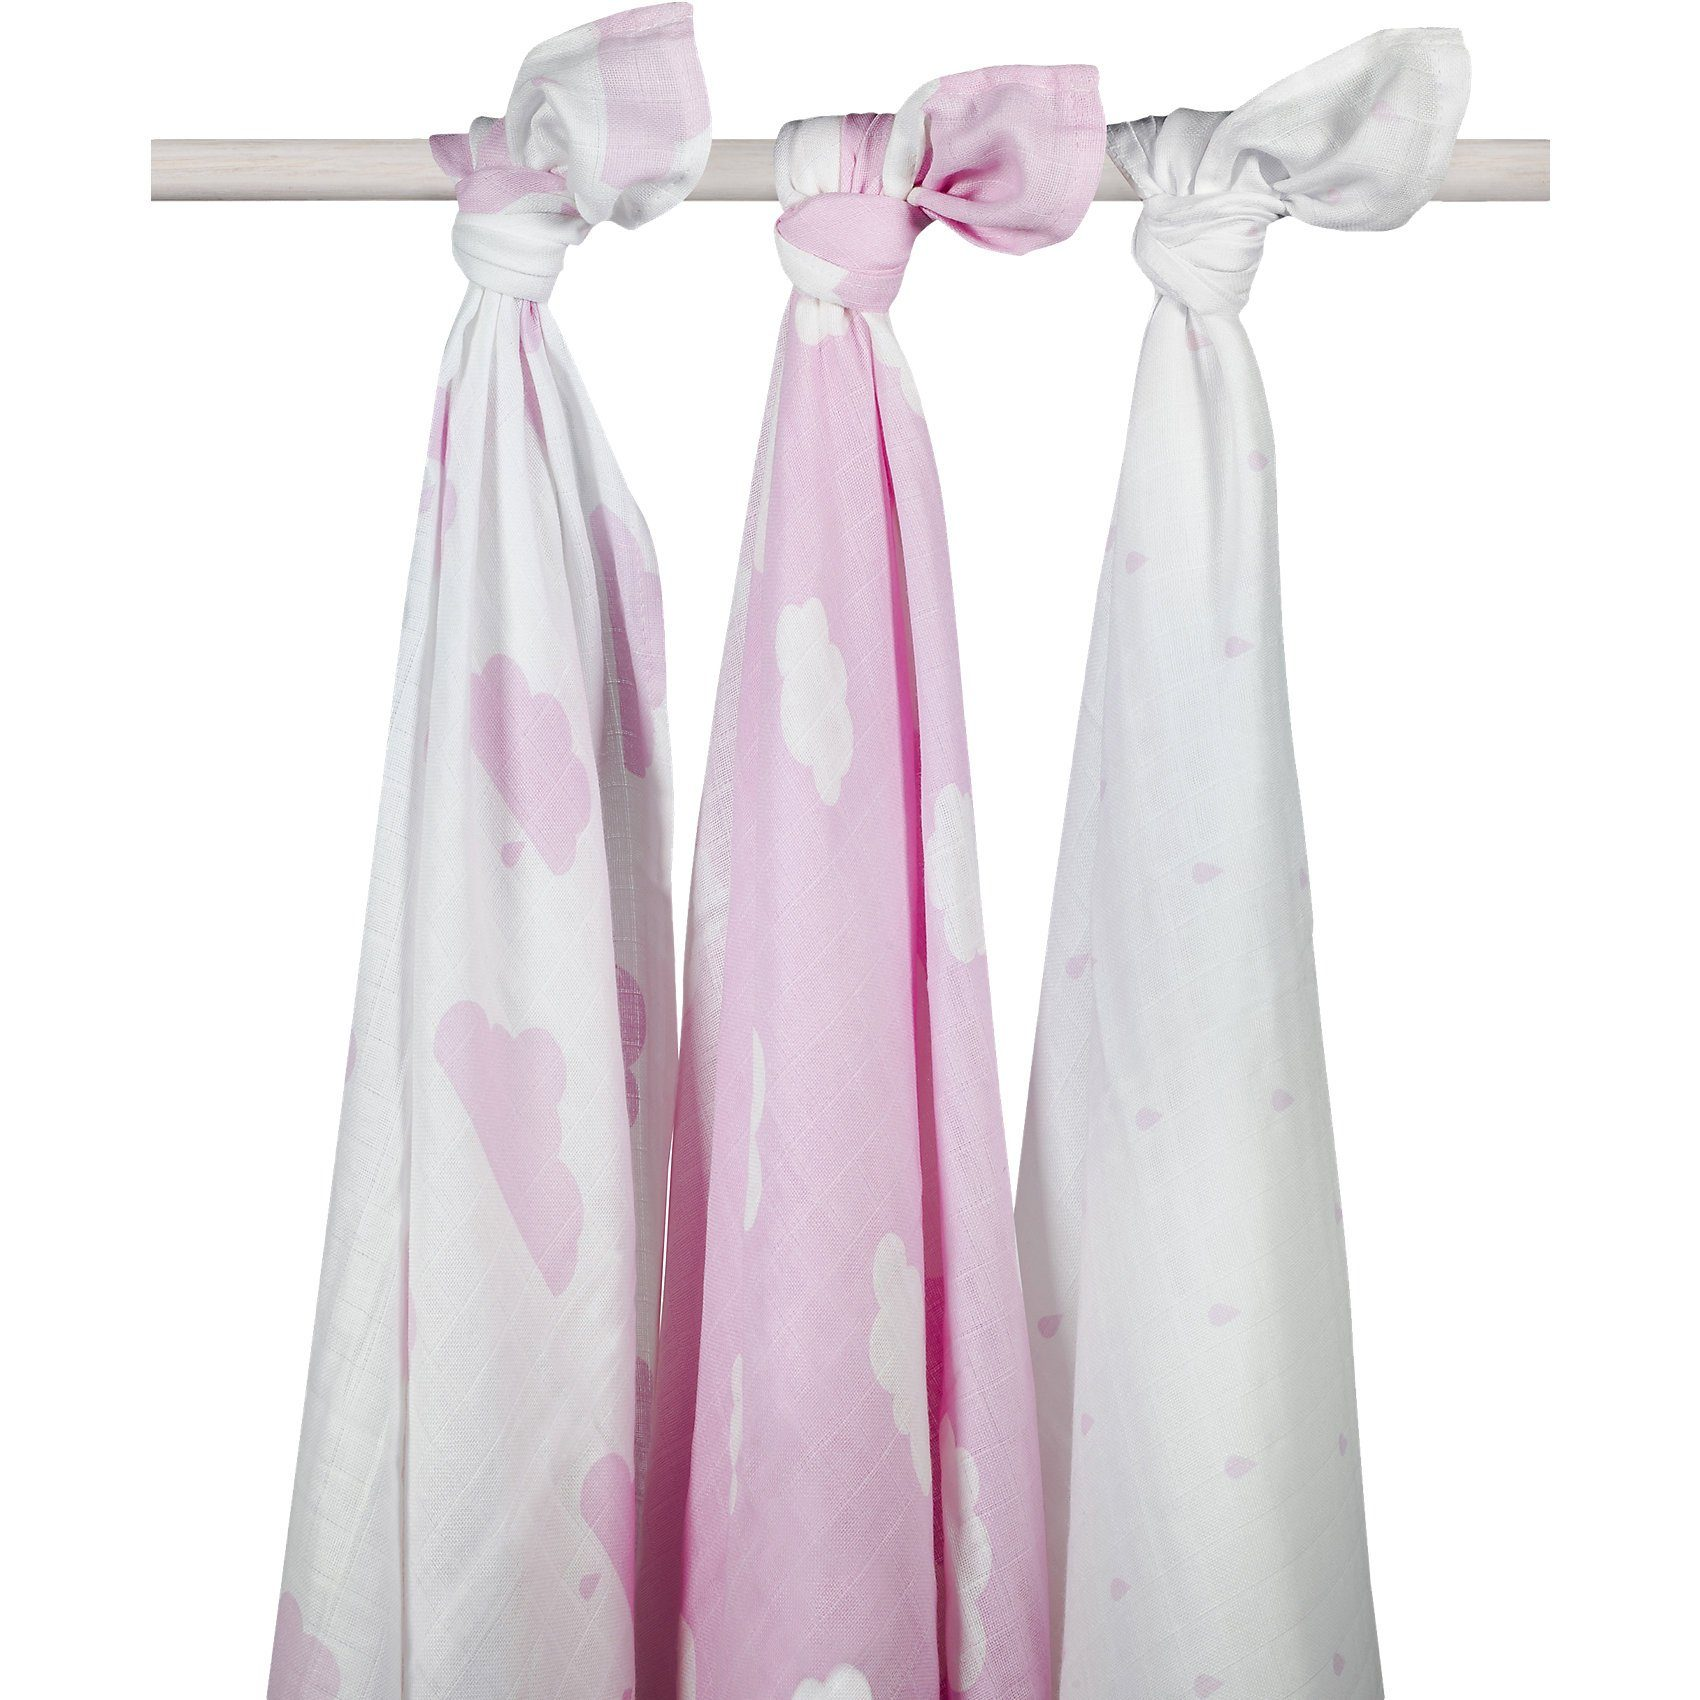 Jollein Mullwindel XL, Wolke, rosa, 115 x 115 cm, 3er-Pack